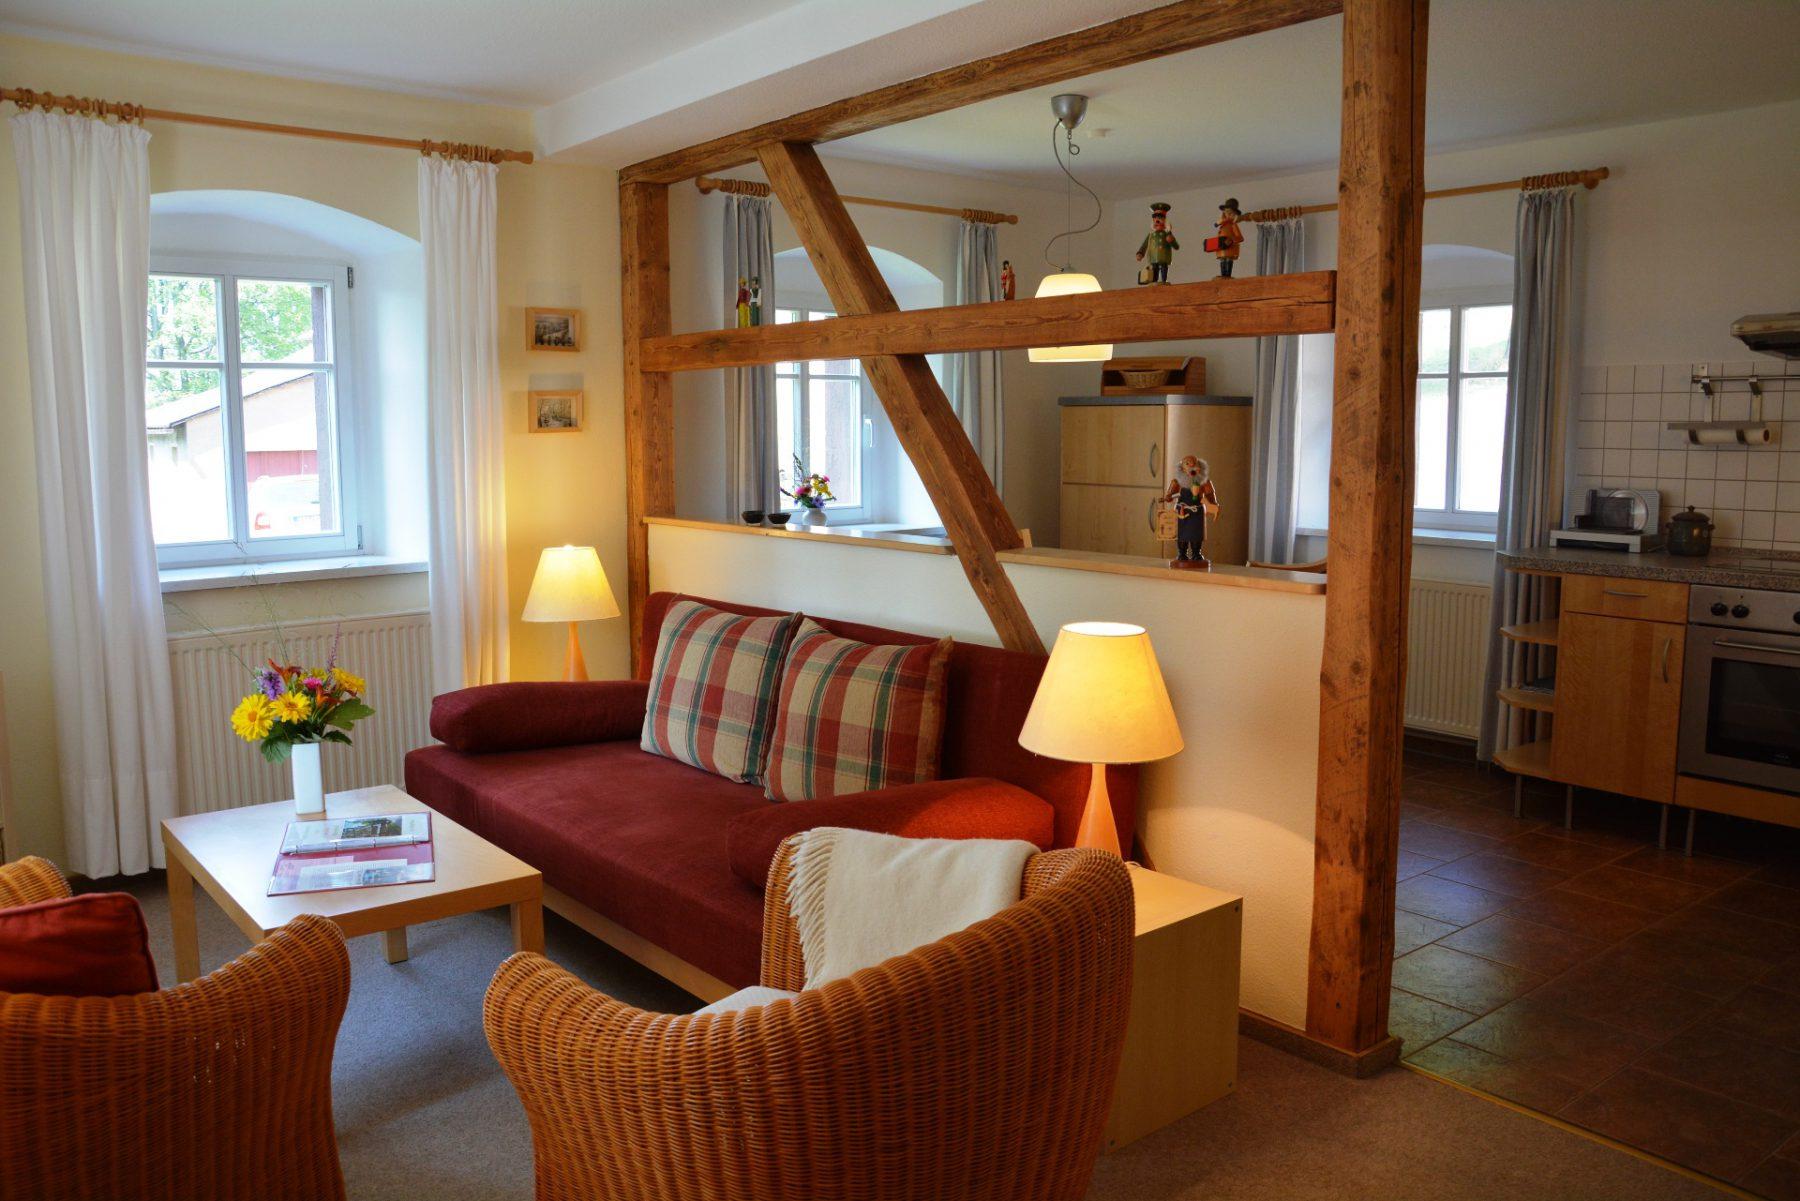 Ferienwohnung im Velegerhaus Seiffen Kategorie N5c Detail Wohnzimmer